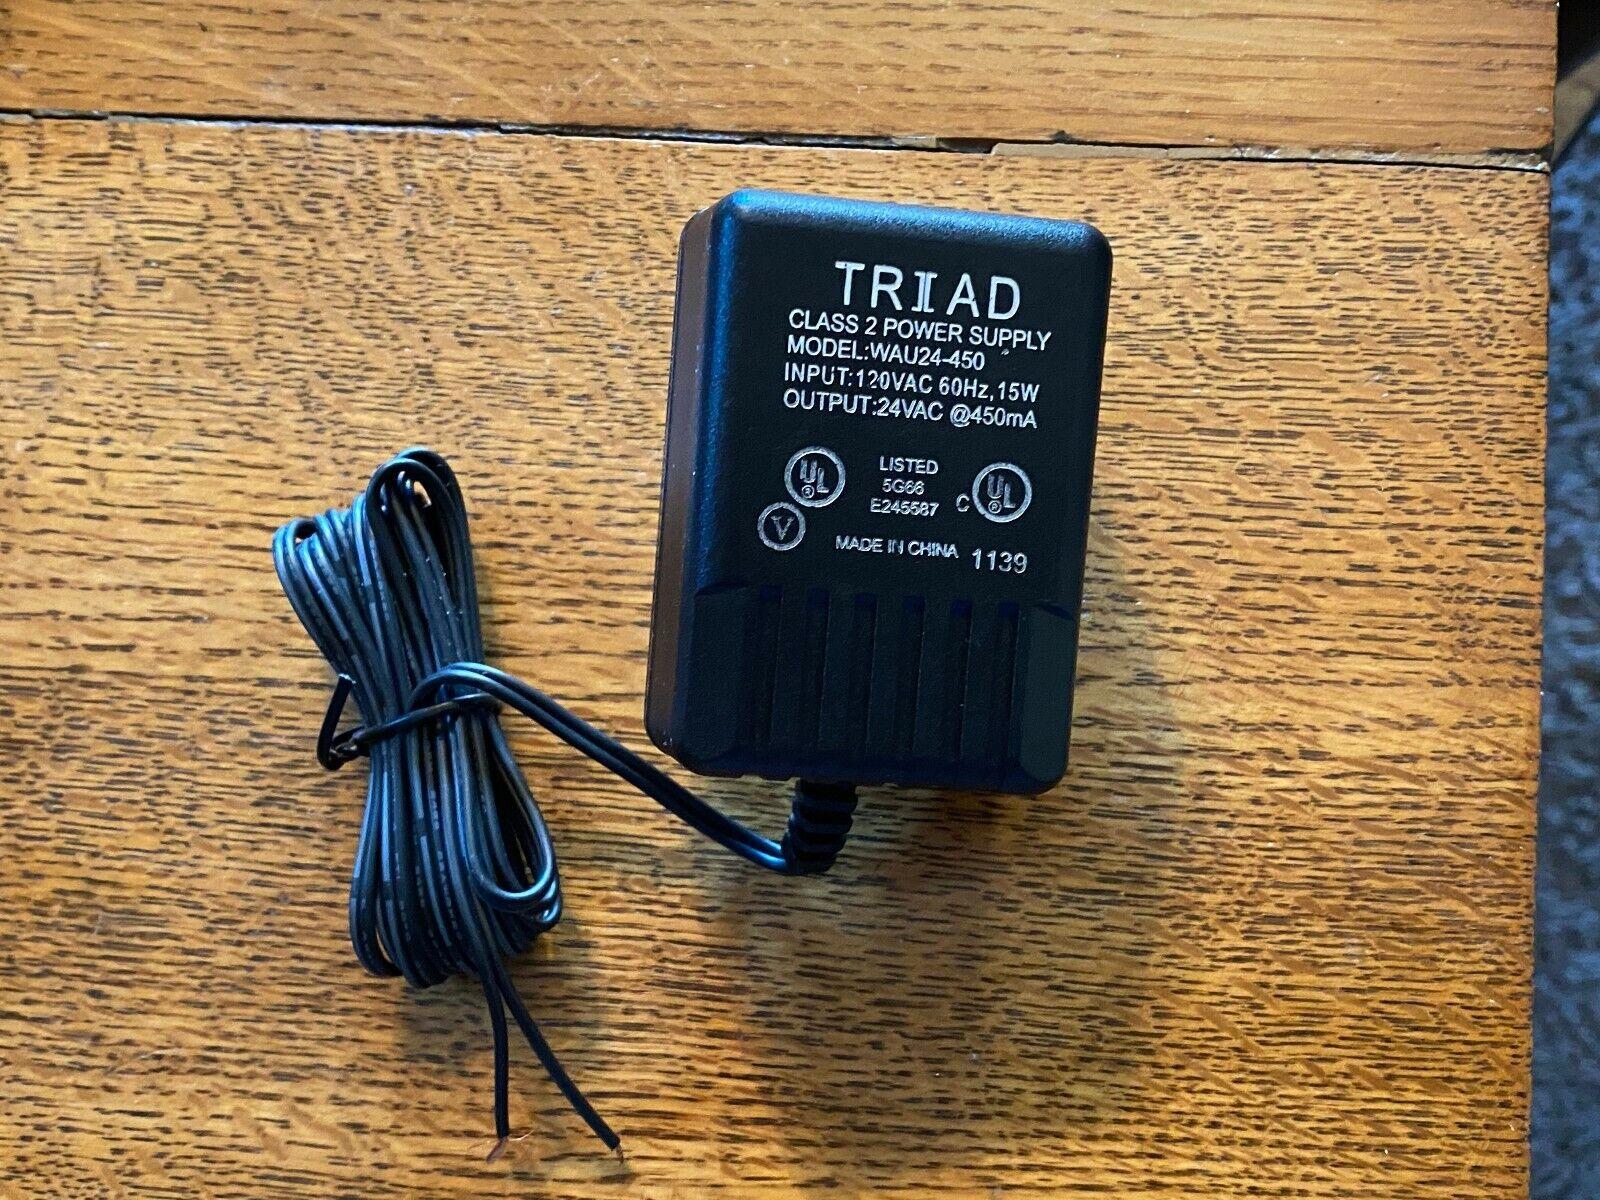 (1)Pack - Power Supply 120 V AC input down to 24V AC @450mA output; UL Listed